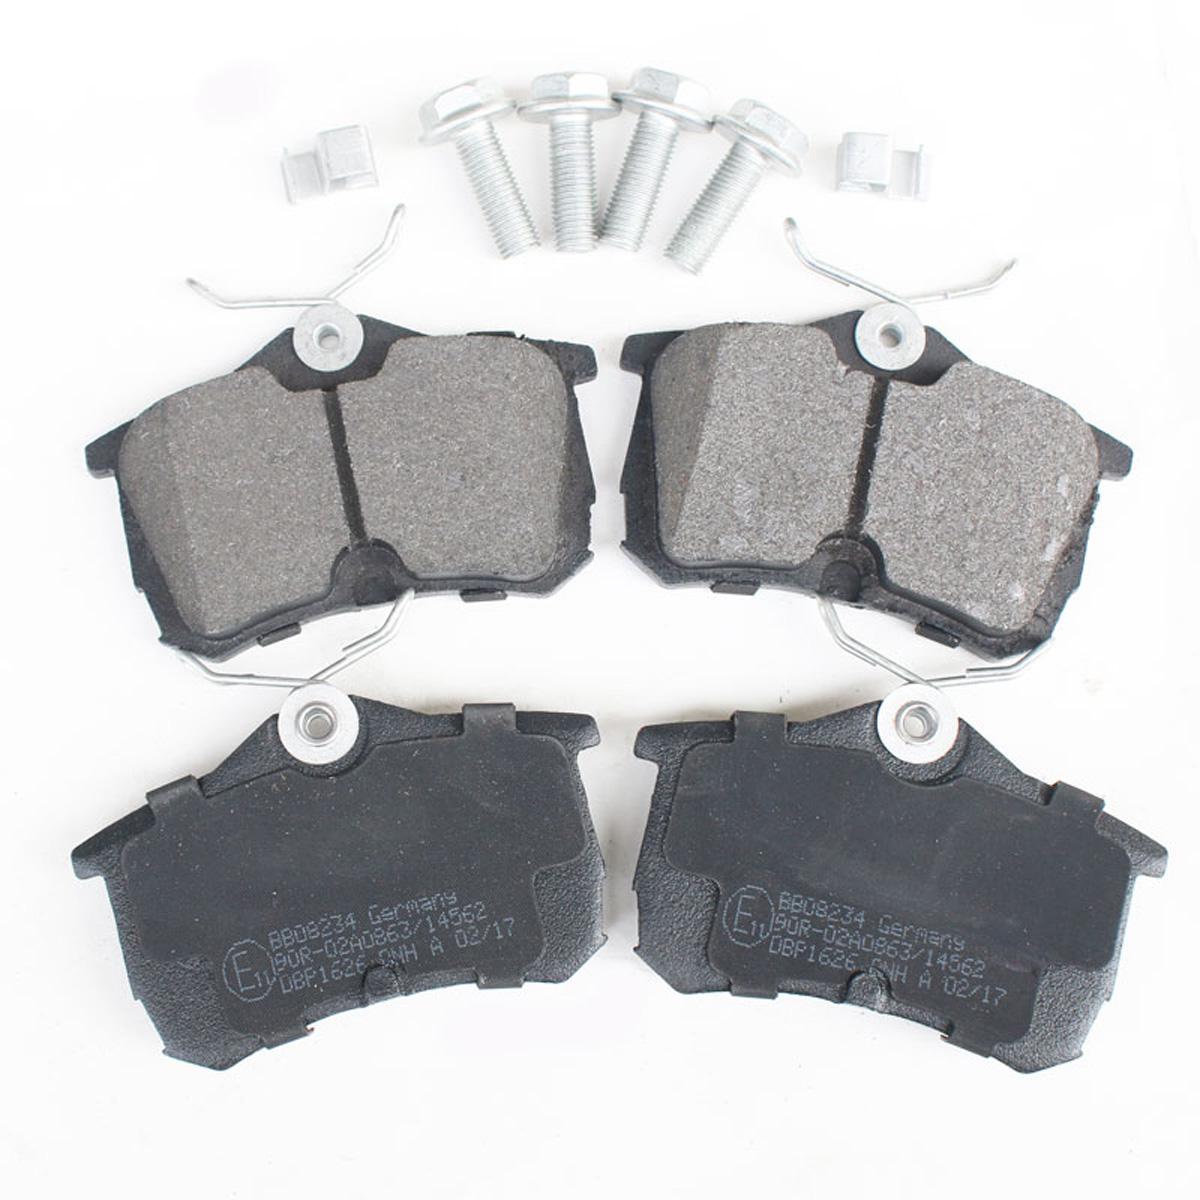 Bremsbelagsatz, Scheibenbremse, Hinterachse für Honda Accord, BB08234